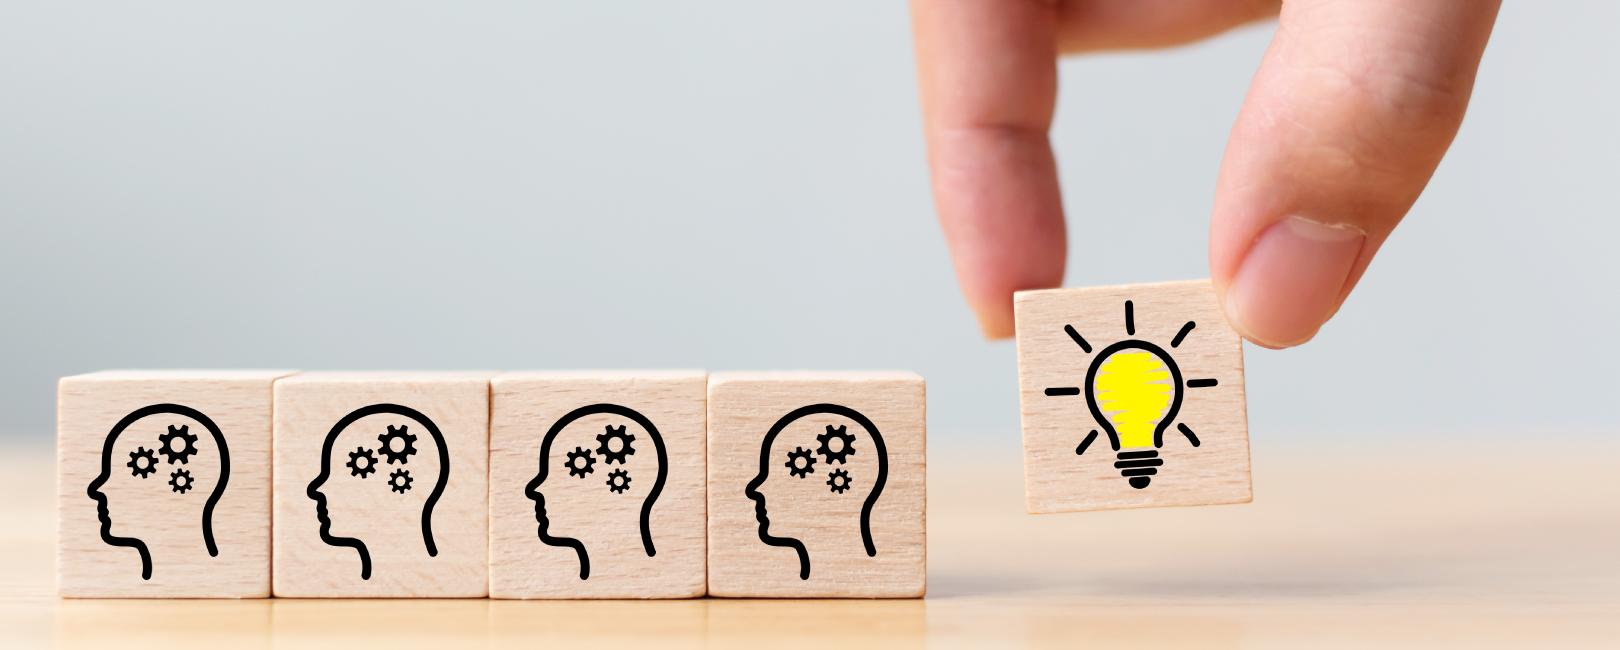 El perfil innovador, un perfil profesional ganador para las organizaciones